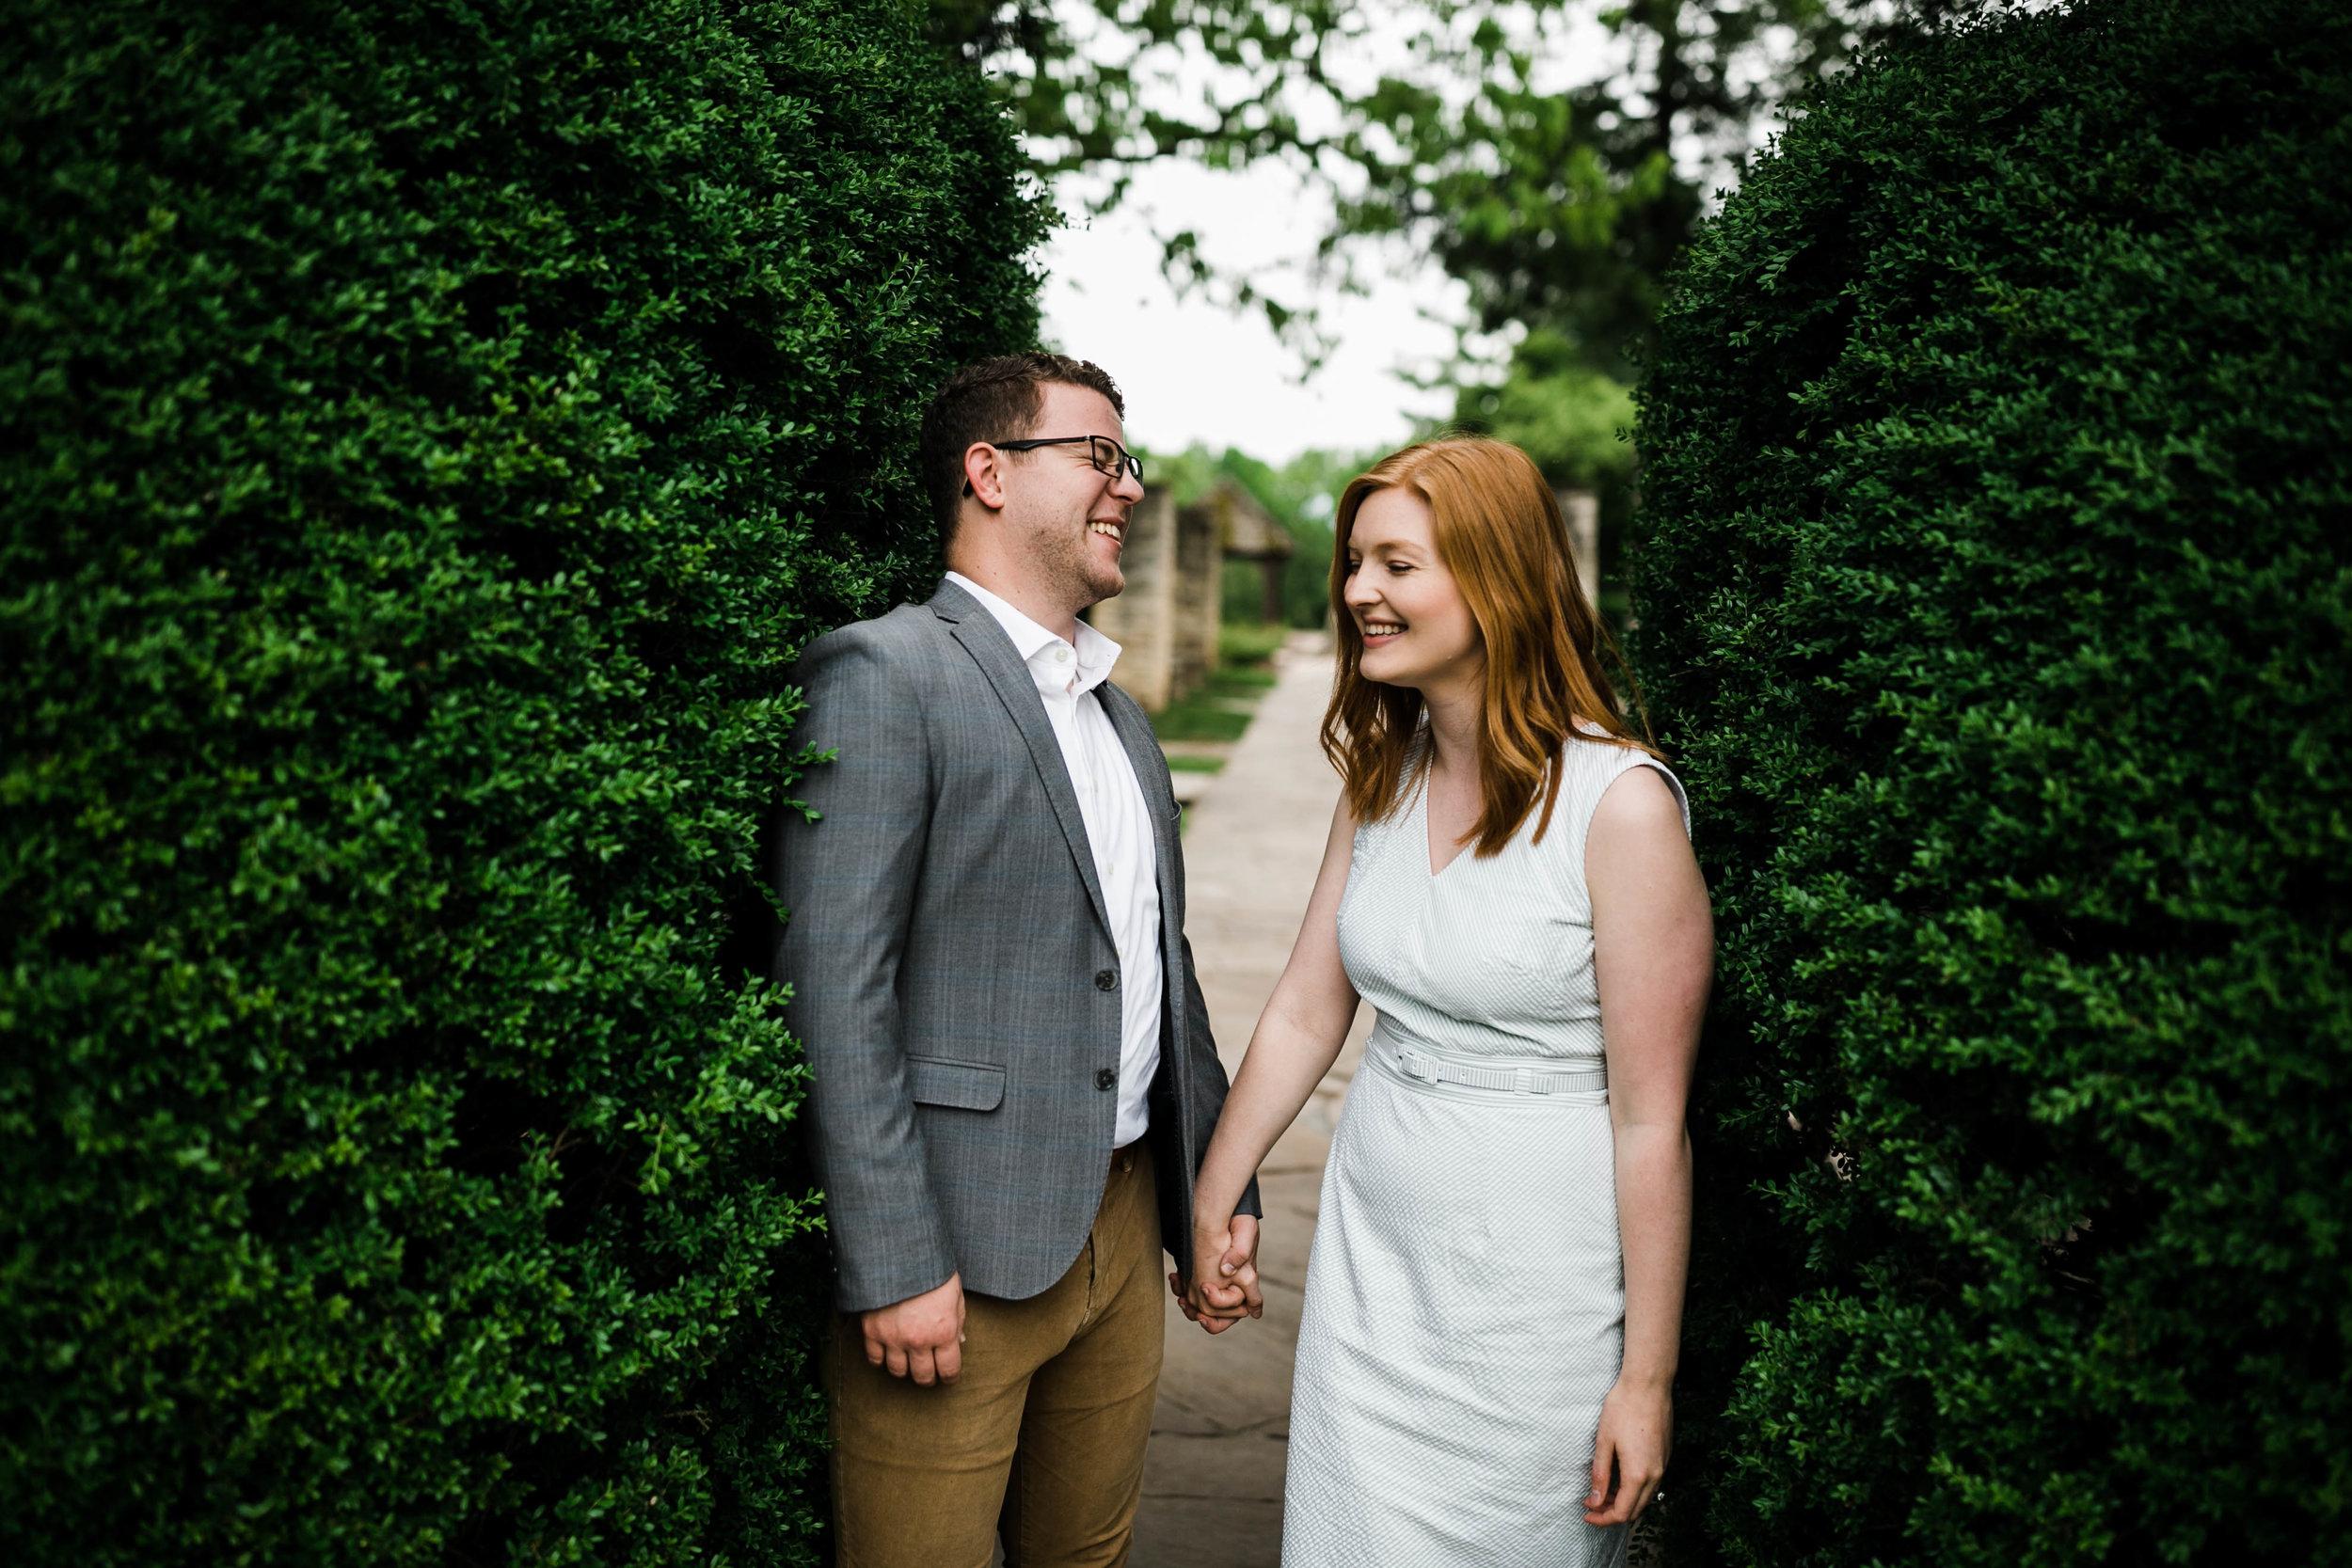 Northeast Iowa Engagement Photographer